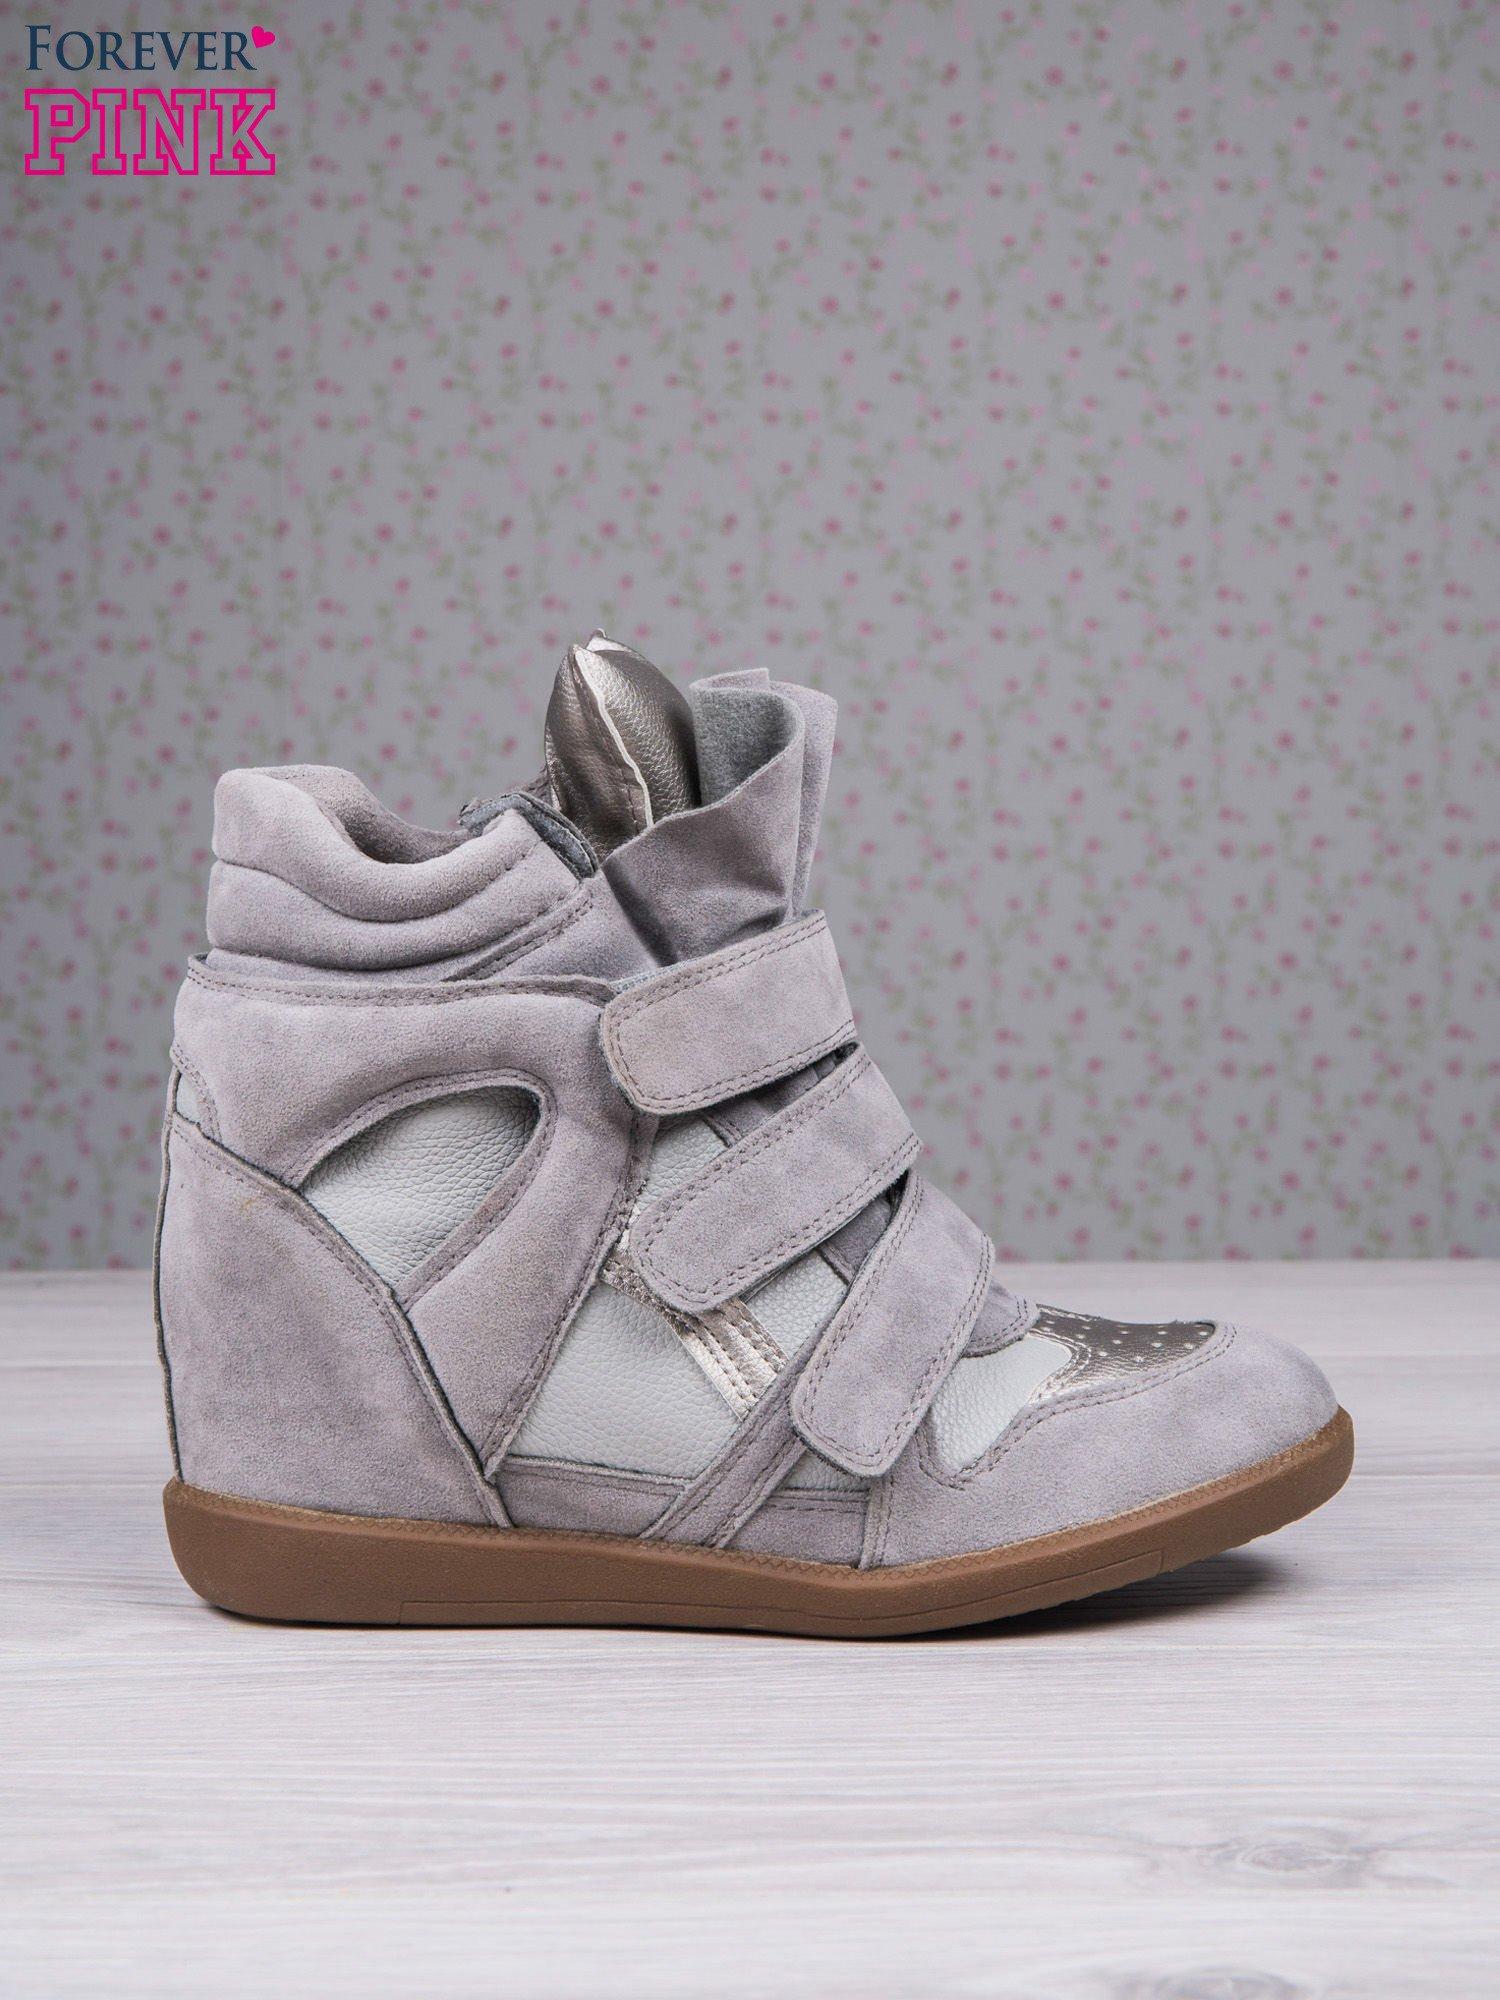 Jasnoszare zamszowe sneakersy na rzepy Axis z wstawkami                                  zdj.                                  2